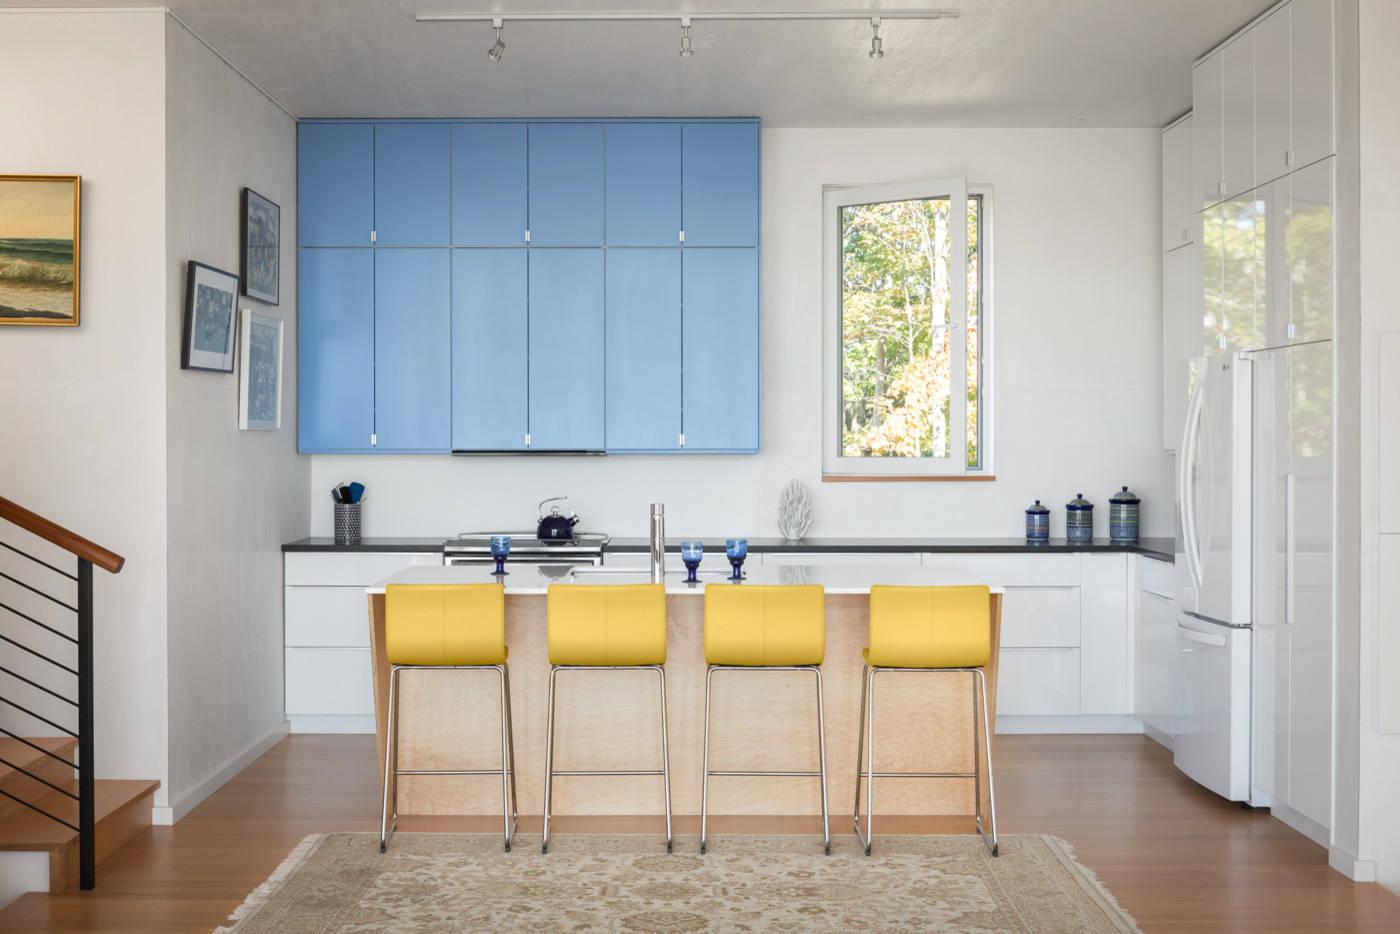 Желтая мебель вносит интересное цветовое разнообразие